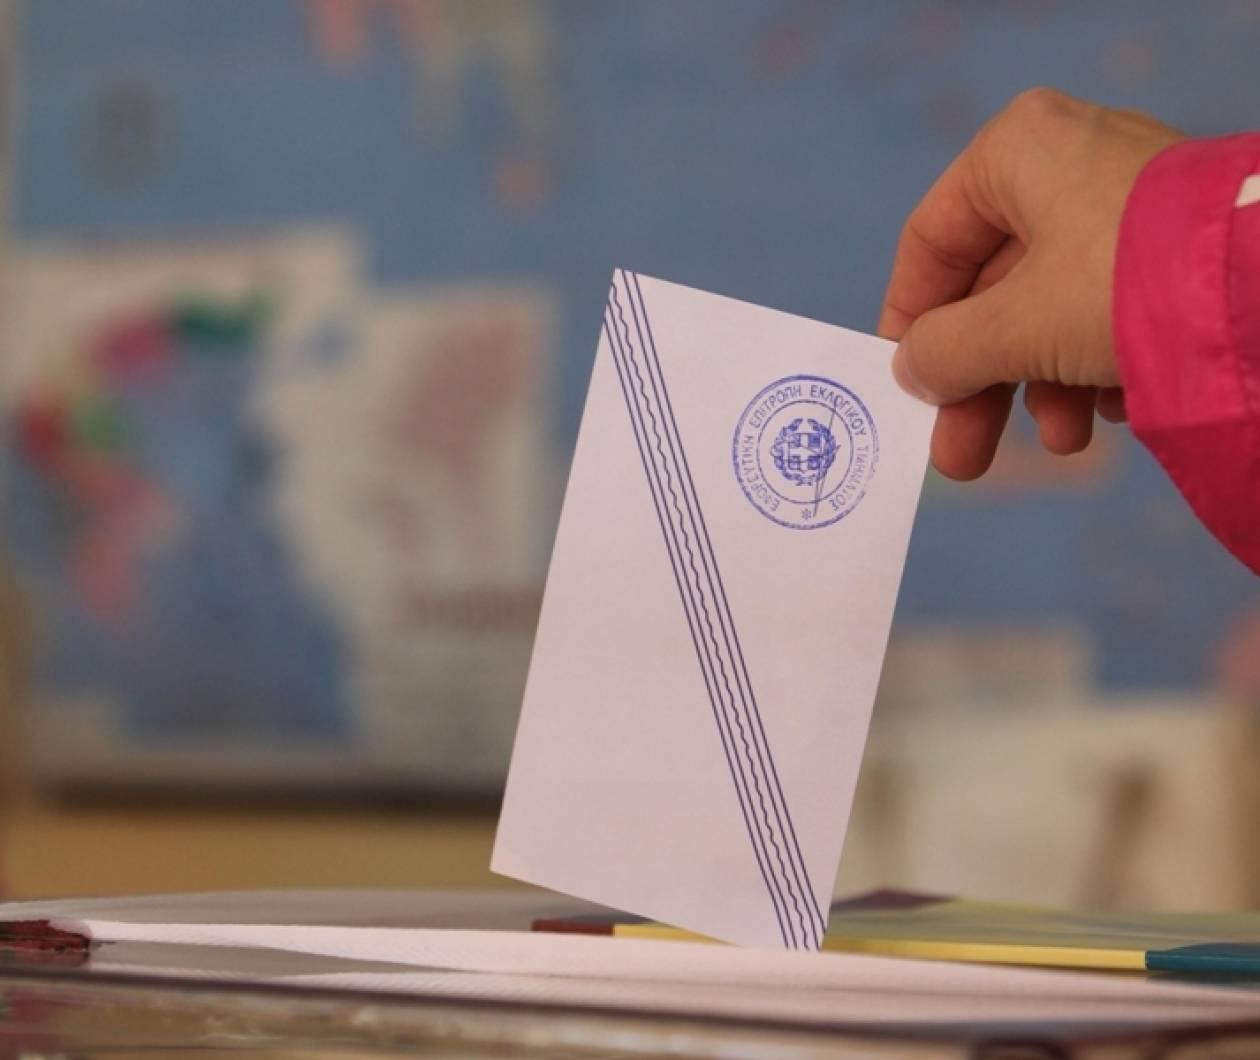 Εκλογές στις 19 Φλεβάρη ήταν και πάνε…